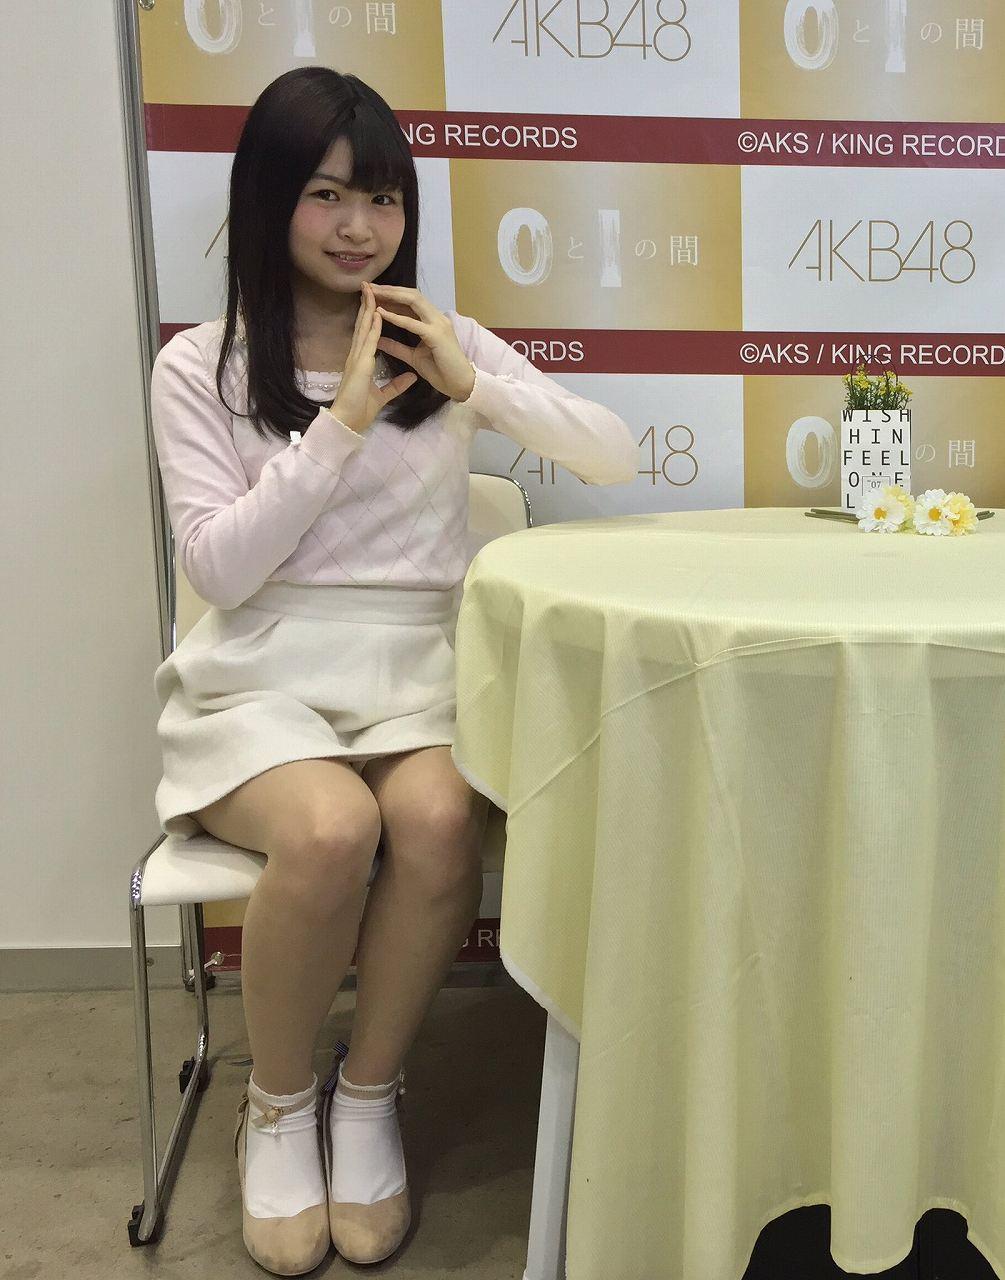 写メ会でパンチラギリギリの田中優香